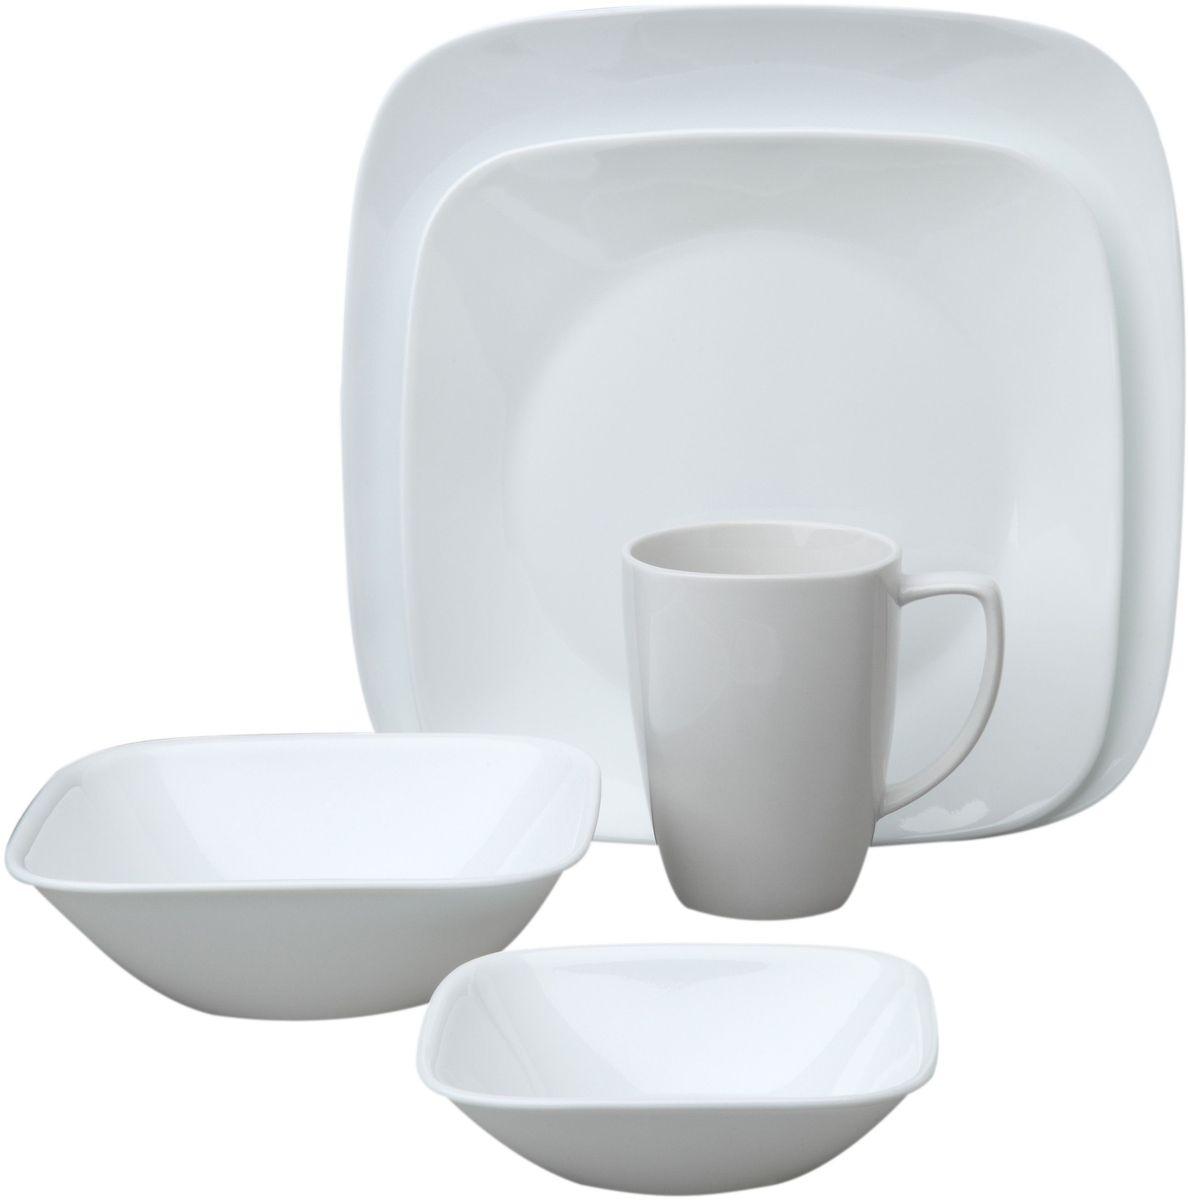 Набор столовой посуды Corelle Pure White, 16 предметов. 10699581069958Посуда Corelle мирового бренда WorldKitchen сделана из материала Vitrelle. Стекло Vitrelle является экологически чистым материалом без посторонних добавок. Идеальный белый цвет посуды достигается путем сверхвысокой термической обработки компонентов. Vitrelle сверхпрочный материал, используемый для столовой посуды, изобретенный в начале 1970х в Соединенных Штатах Америки. Материал сделан из трех слоев стекла спеченных вместе. Посуда Vitrelle тонка и легка при том, что является более ударопрочной по сравнению с обычной столовой посудой. Соль, полевой шпат, известняк, и 2 других вида соли попадают в печь, где при 1400 градусов Цельсия превращаются в жидкое стекло. Стекло заливается в молды, где соединяются 3 слоя в один. Края посуды обрабатываются огненной полировкой. Проходя через дополнительную обработку, три слоя приобретают сверхпрочность. Путем шелкографии на днище наносится бренд, а так же дополнительная информация. Узор на посуде так же наносится путем шелкографии. Готовая посуда...